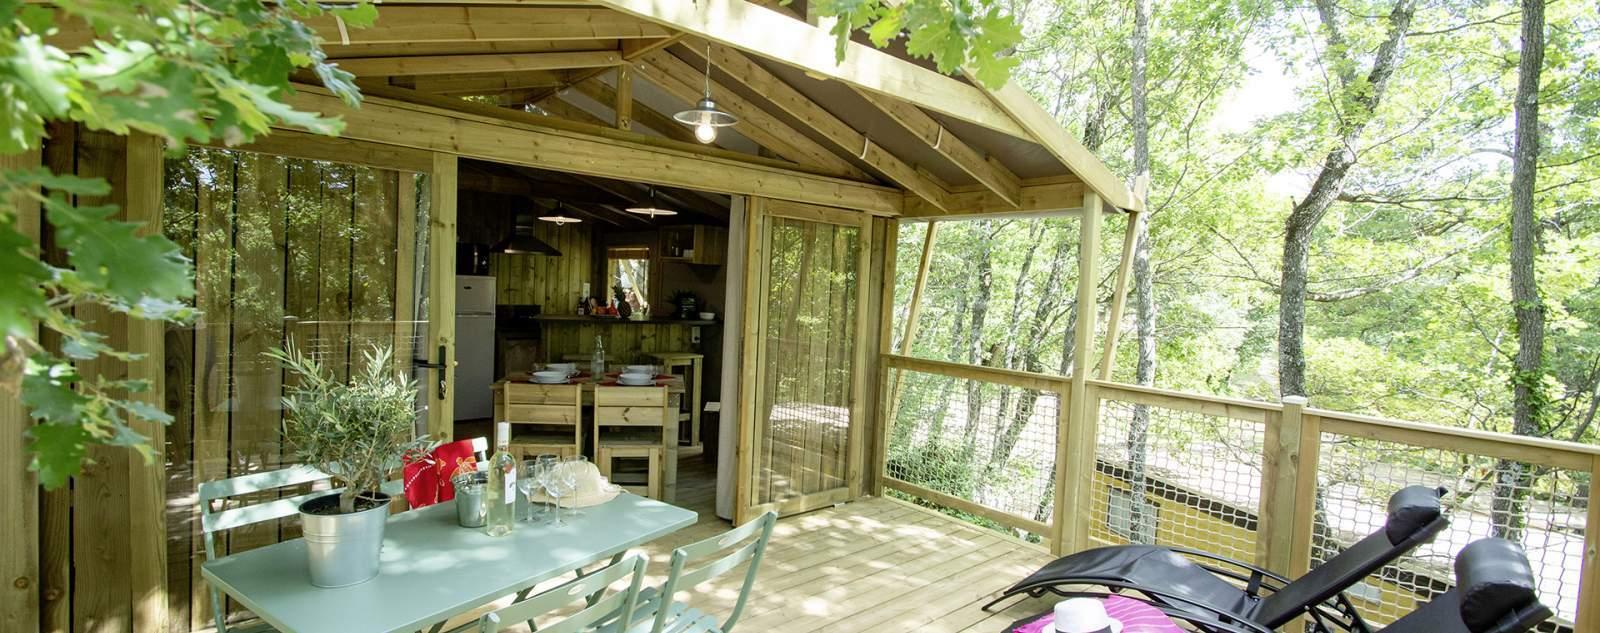 162 hebergement vacances en camping dans un lodge confortable 1600x633